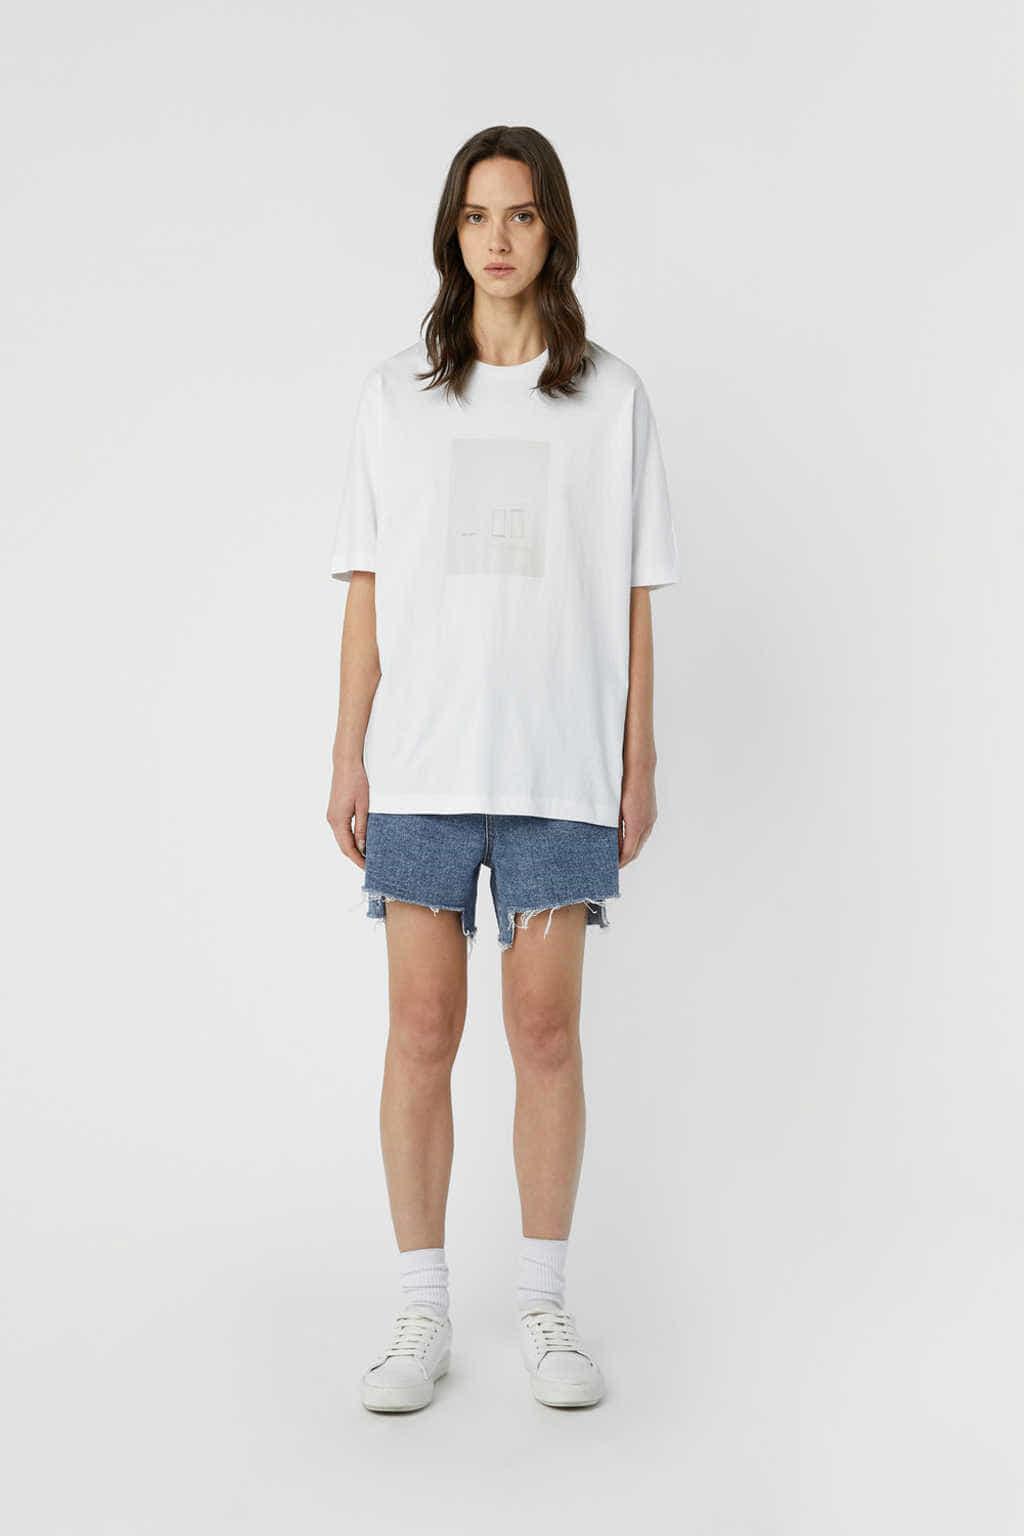 TShirt 3317 White 2